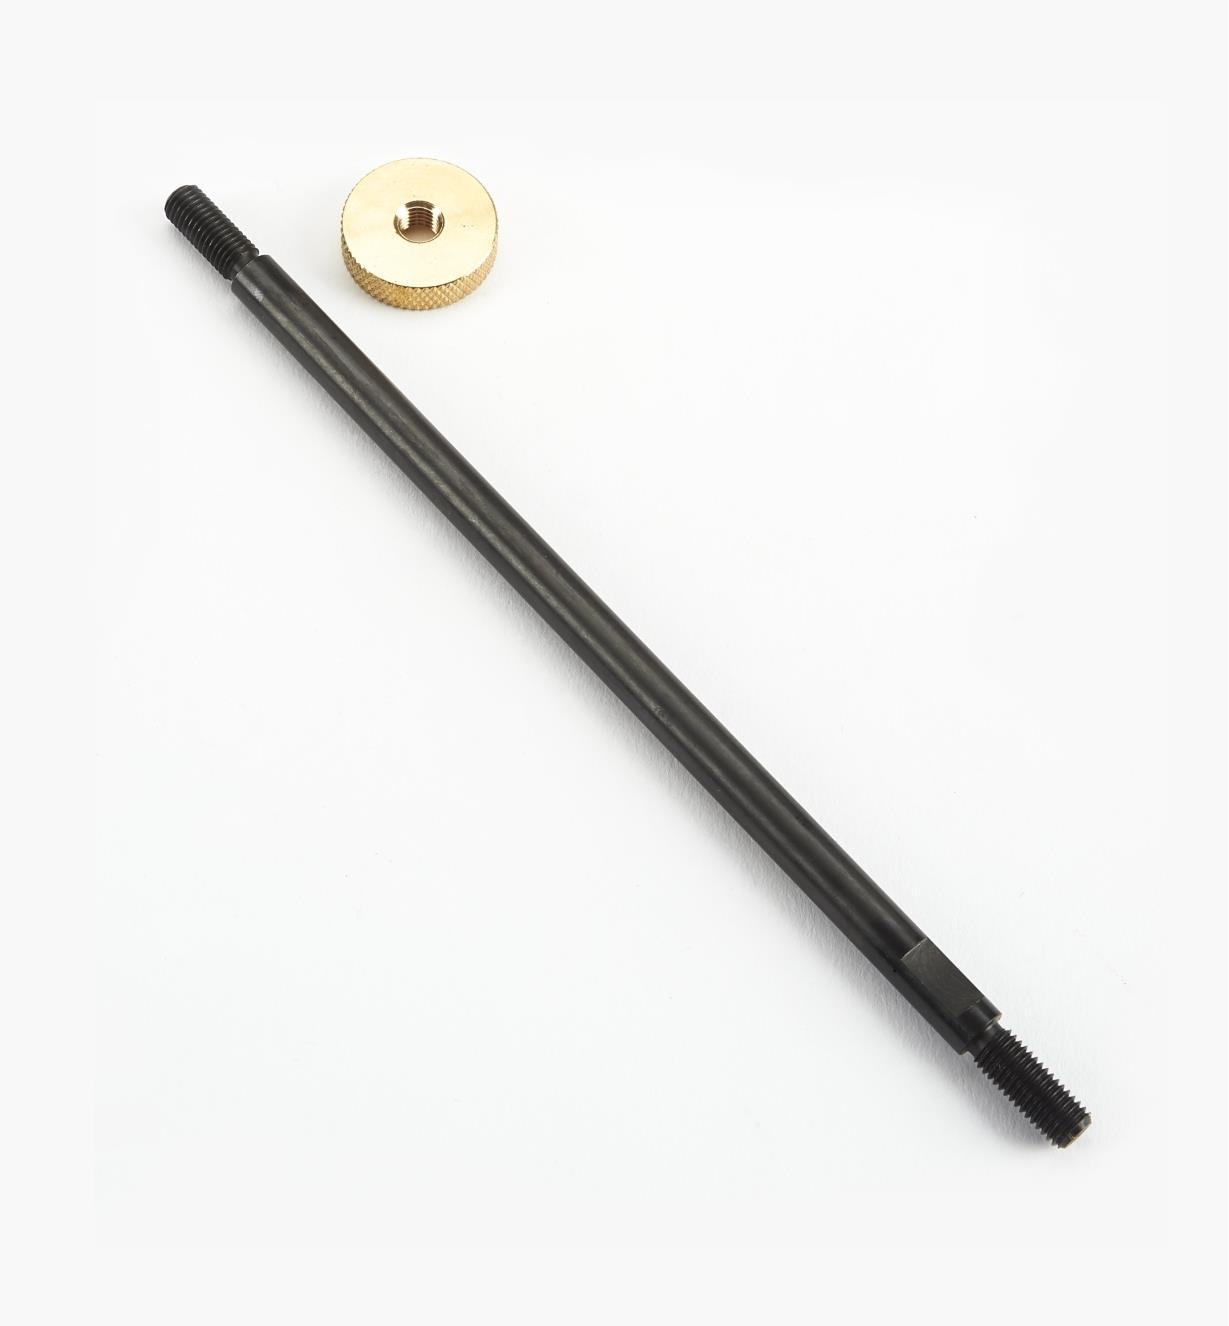 88K7863 - Tige et écrou en laiton de gros diamètre